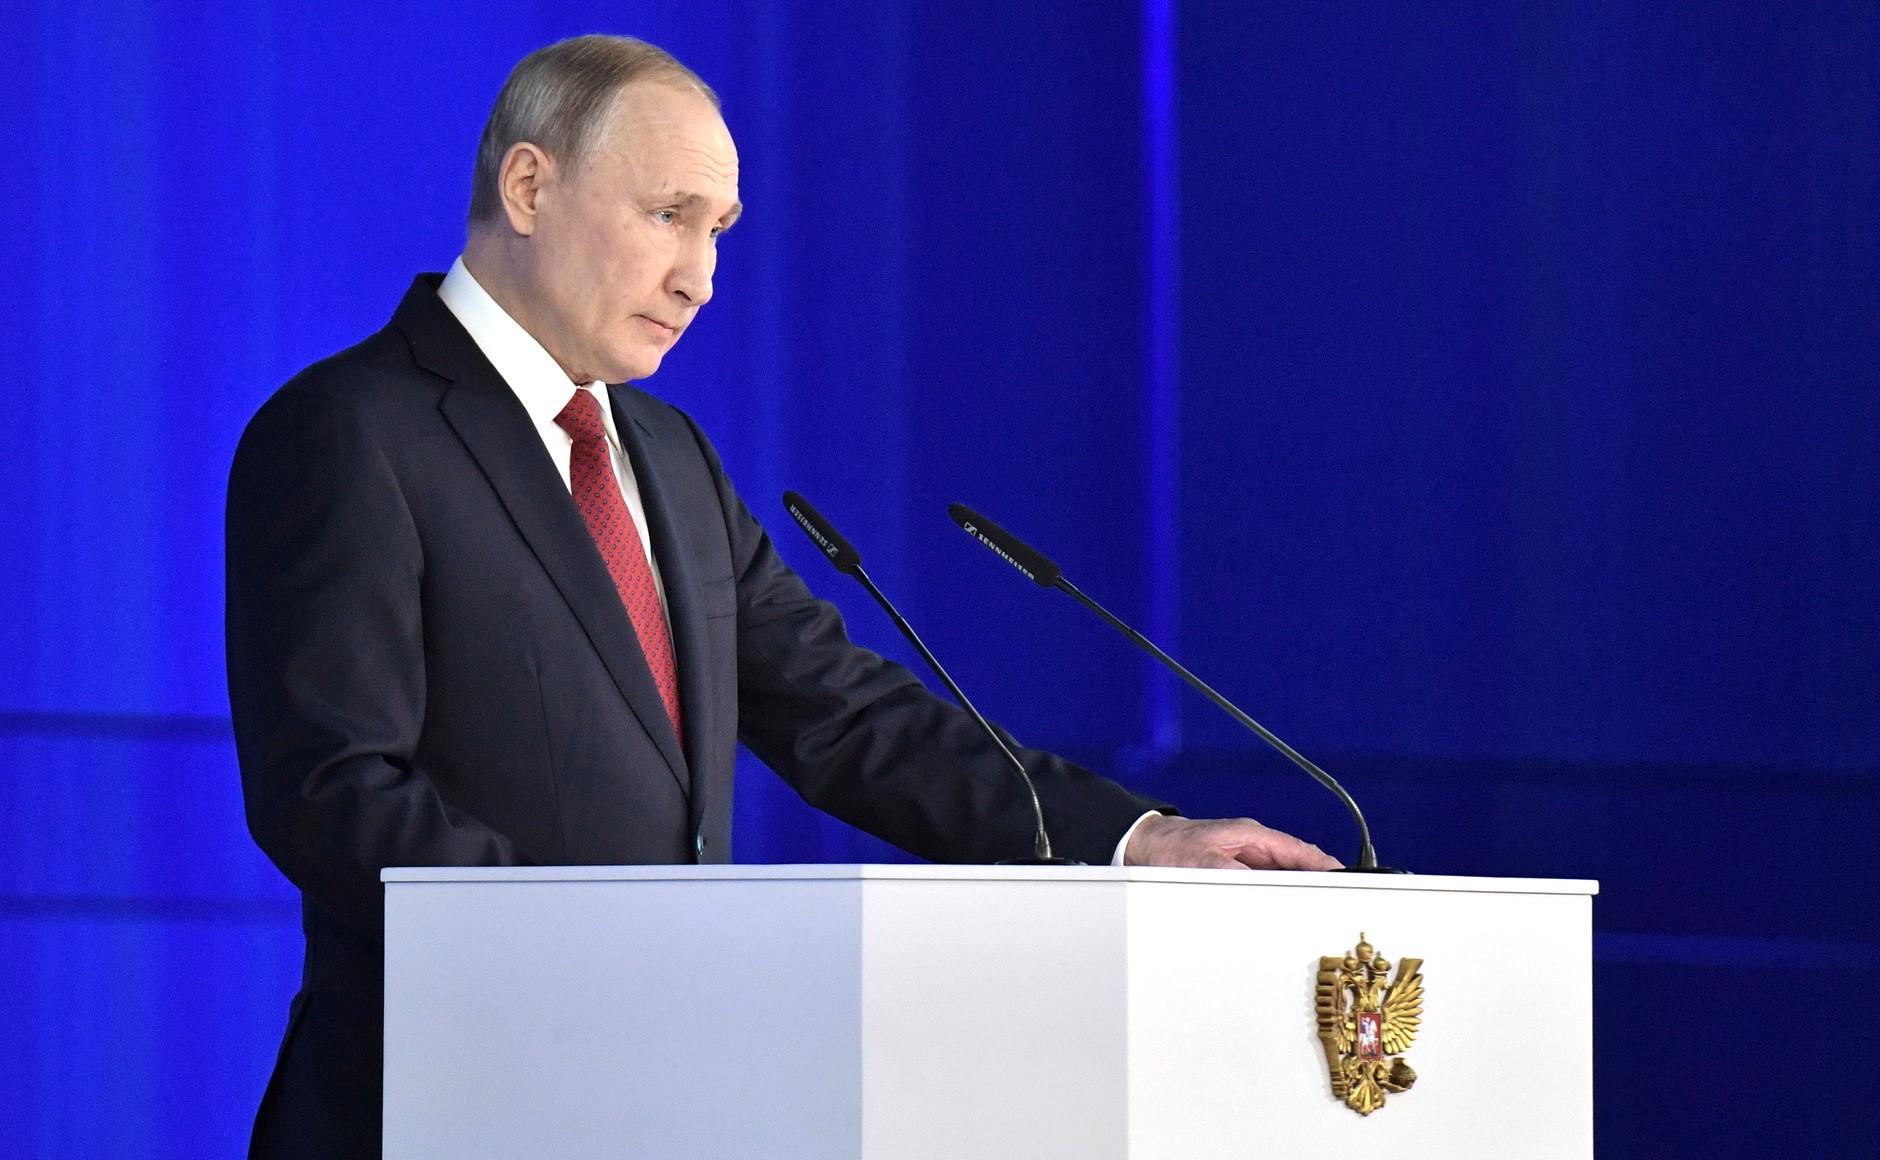 Аббас Галлямов об инициативе Путина назначать прокуроров в регионах по согласованию с Совфедом: «В реальности вся процедура будет проходить под контролем Кремля»